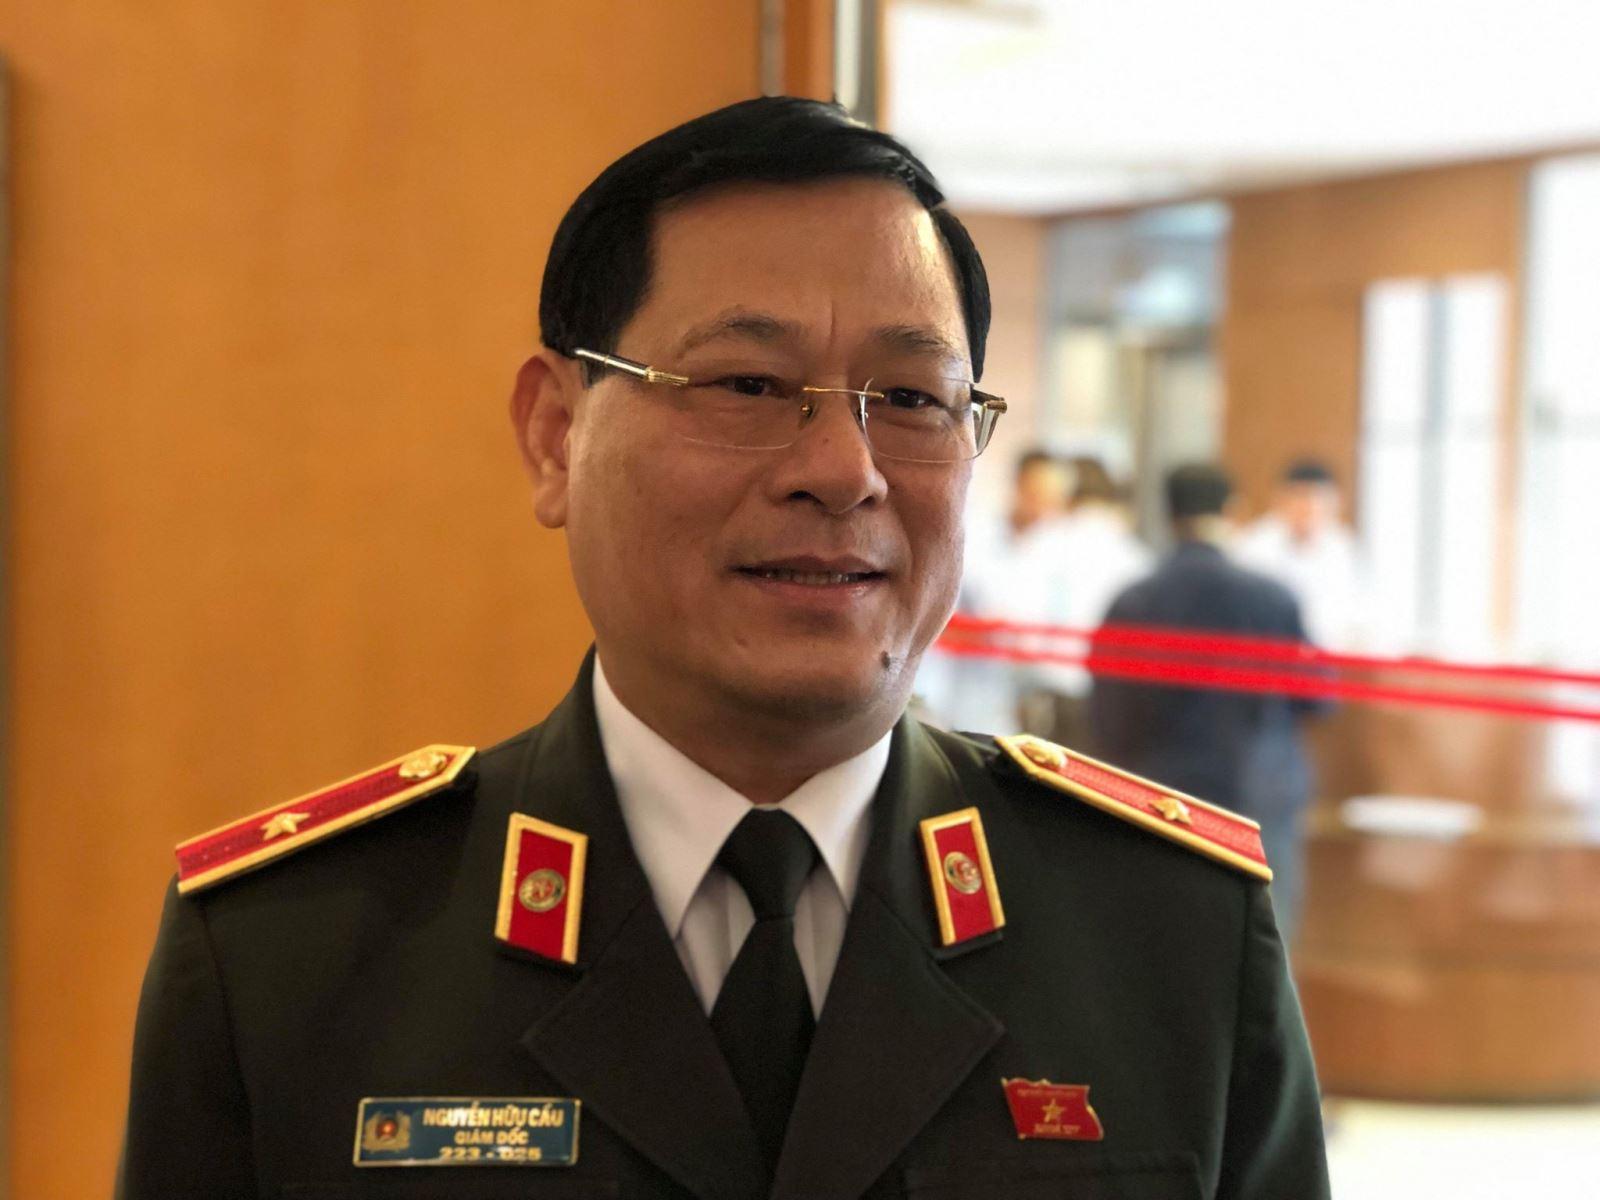 Thiếu tướng Nguyễn Hữu Cầu, Giám đốc Công an tỉnh Nghệ An, đại biểu Quốc hội tỉnh Nghệ An cung cấp thông tin cho báo chí bên hành lang Quốc hội sáng 5/11.